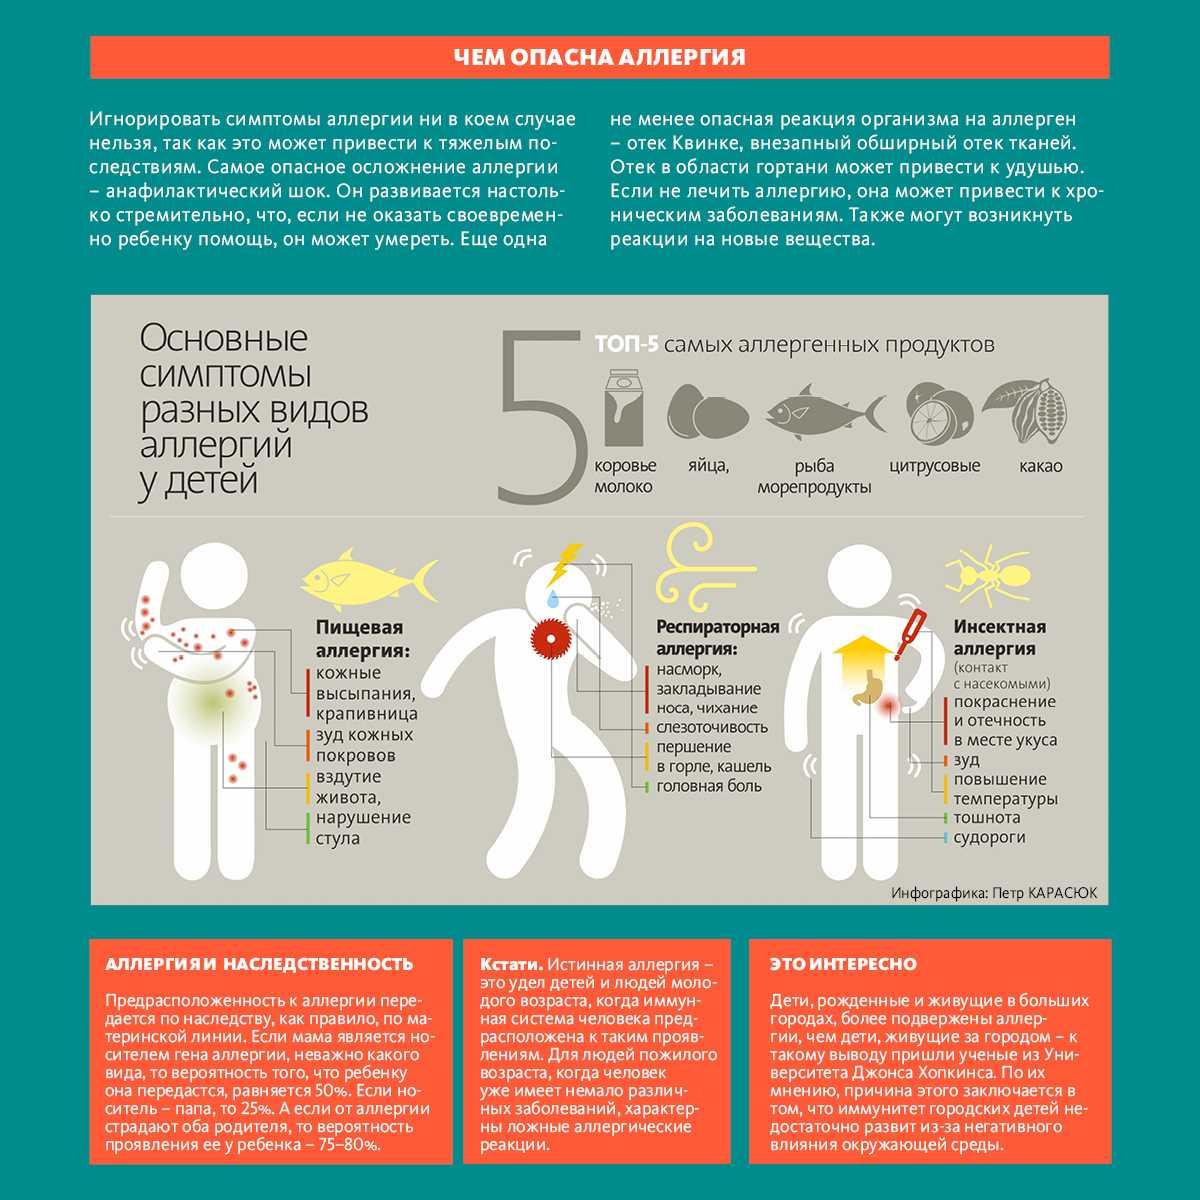 Психосоматика аллергии - 10 причин